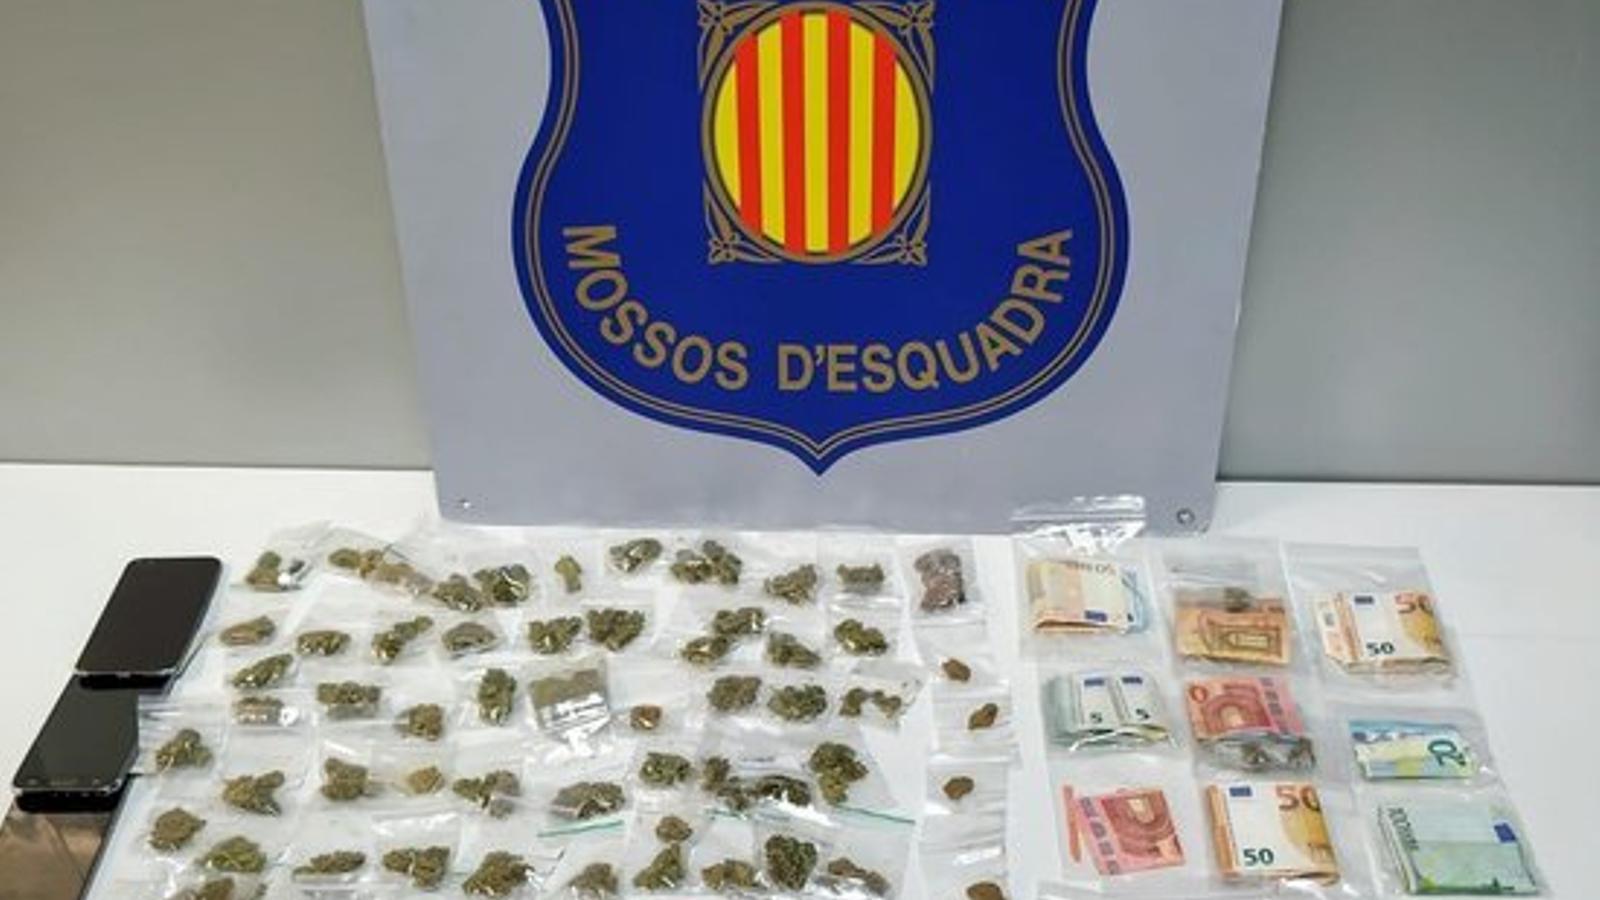 Imatge de la droga intervinguda durant la detenció de deu adults i vuit menors a l'Hospitalet de Llobregat